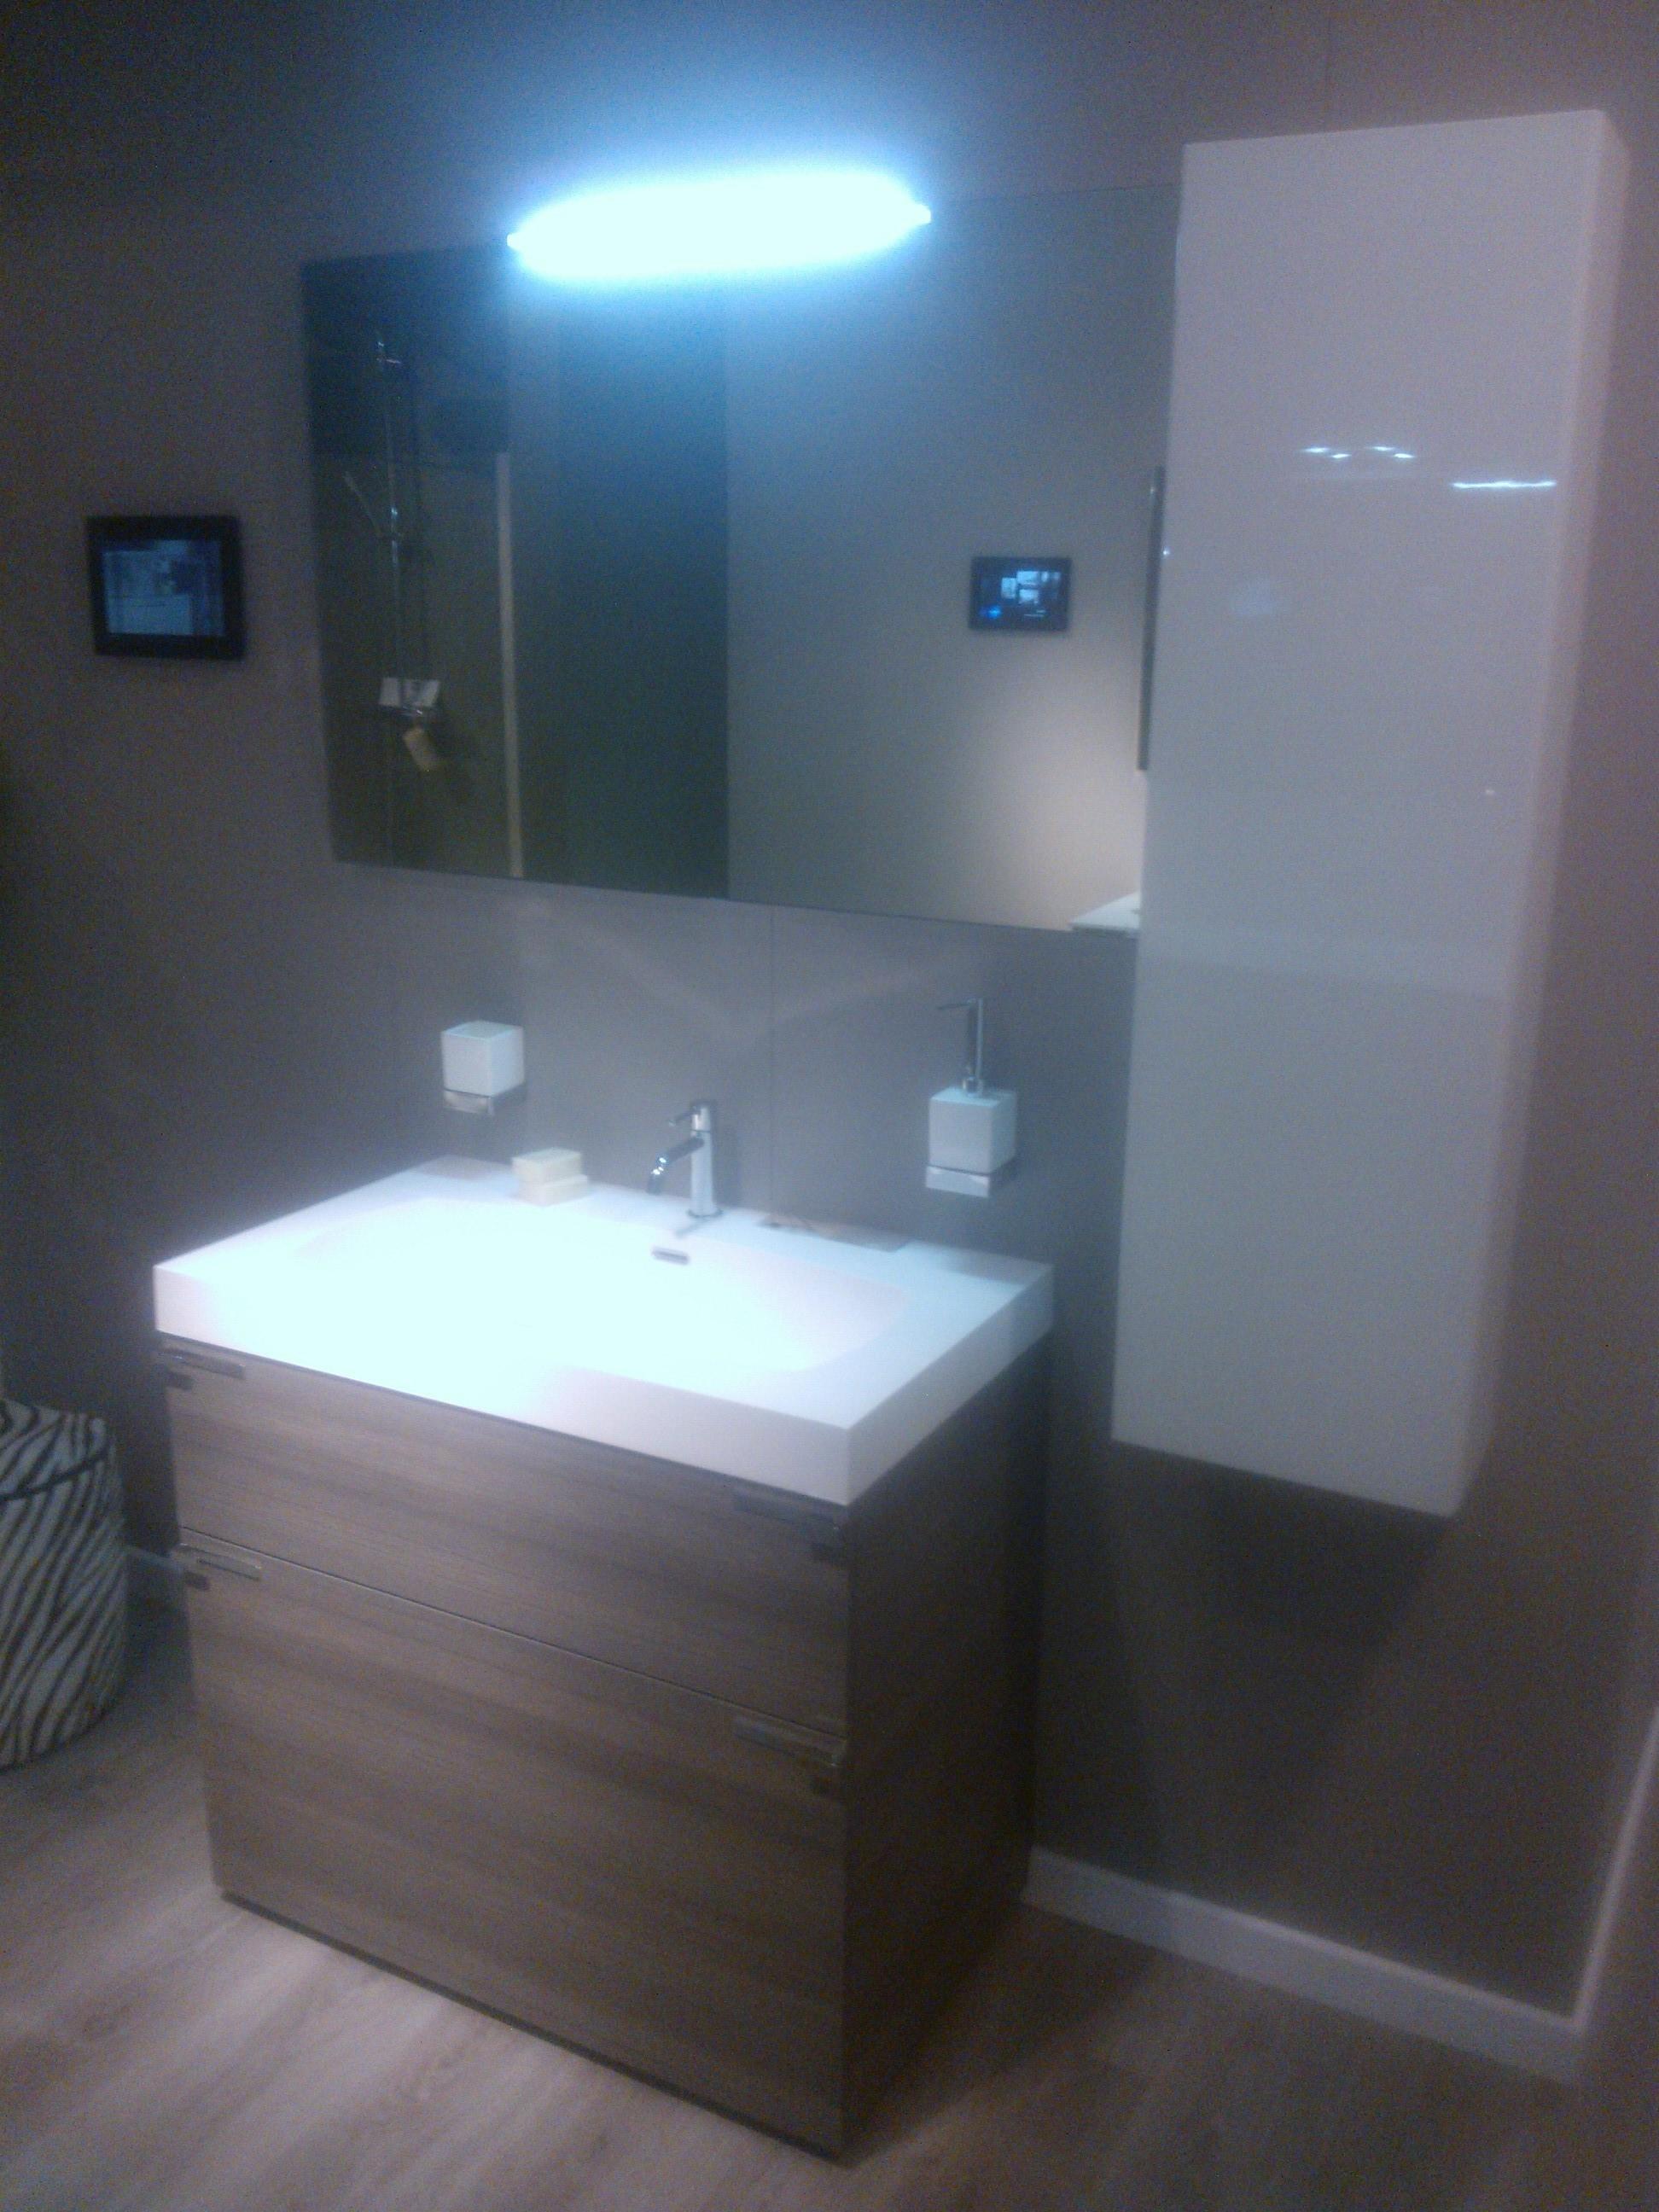 Mobili bagno torino prezzi cool arredo bagno with mobili for Arredo bagno outlet torino